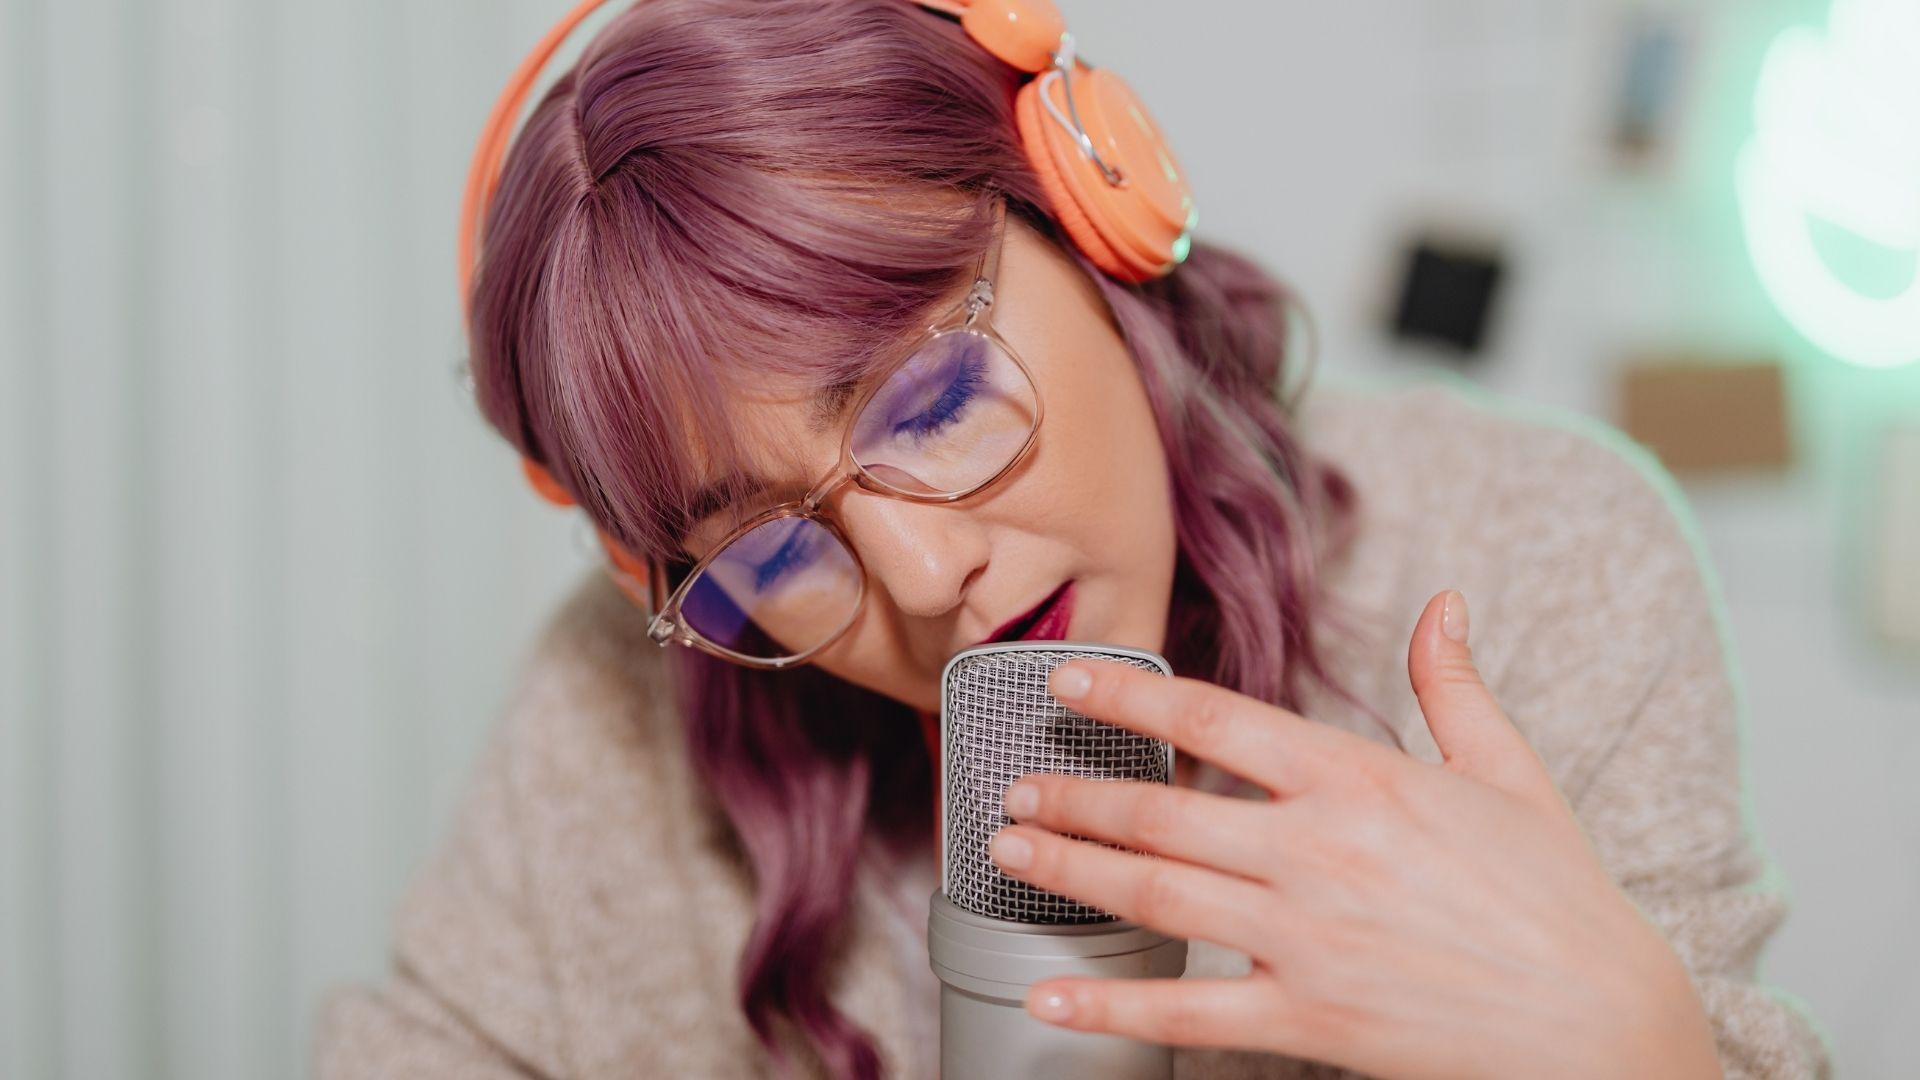 podcast érotique pour s'exciter en audio — madmoiZelle